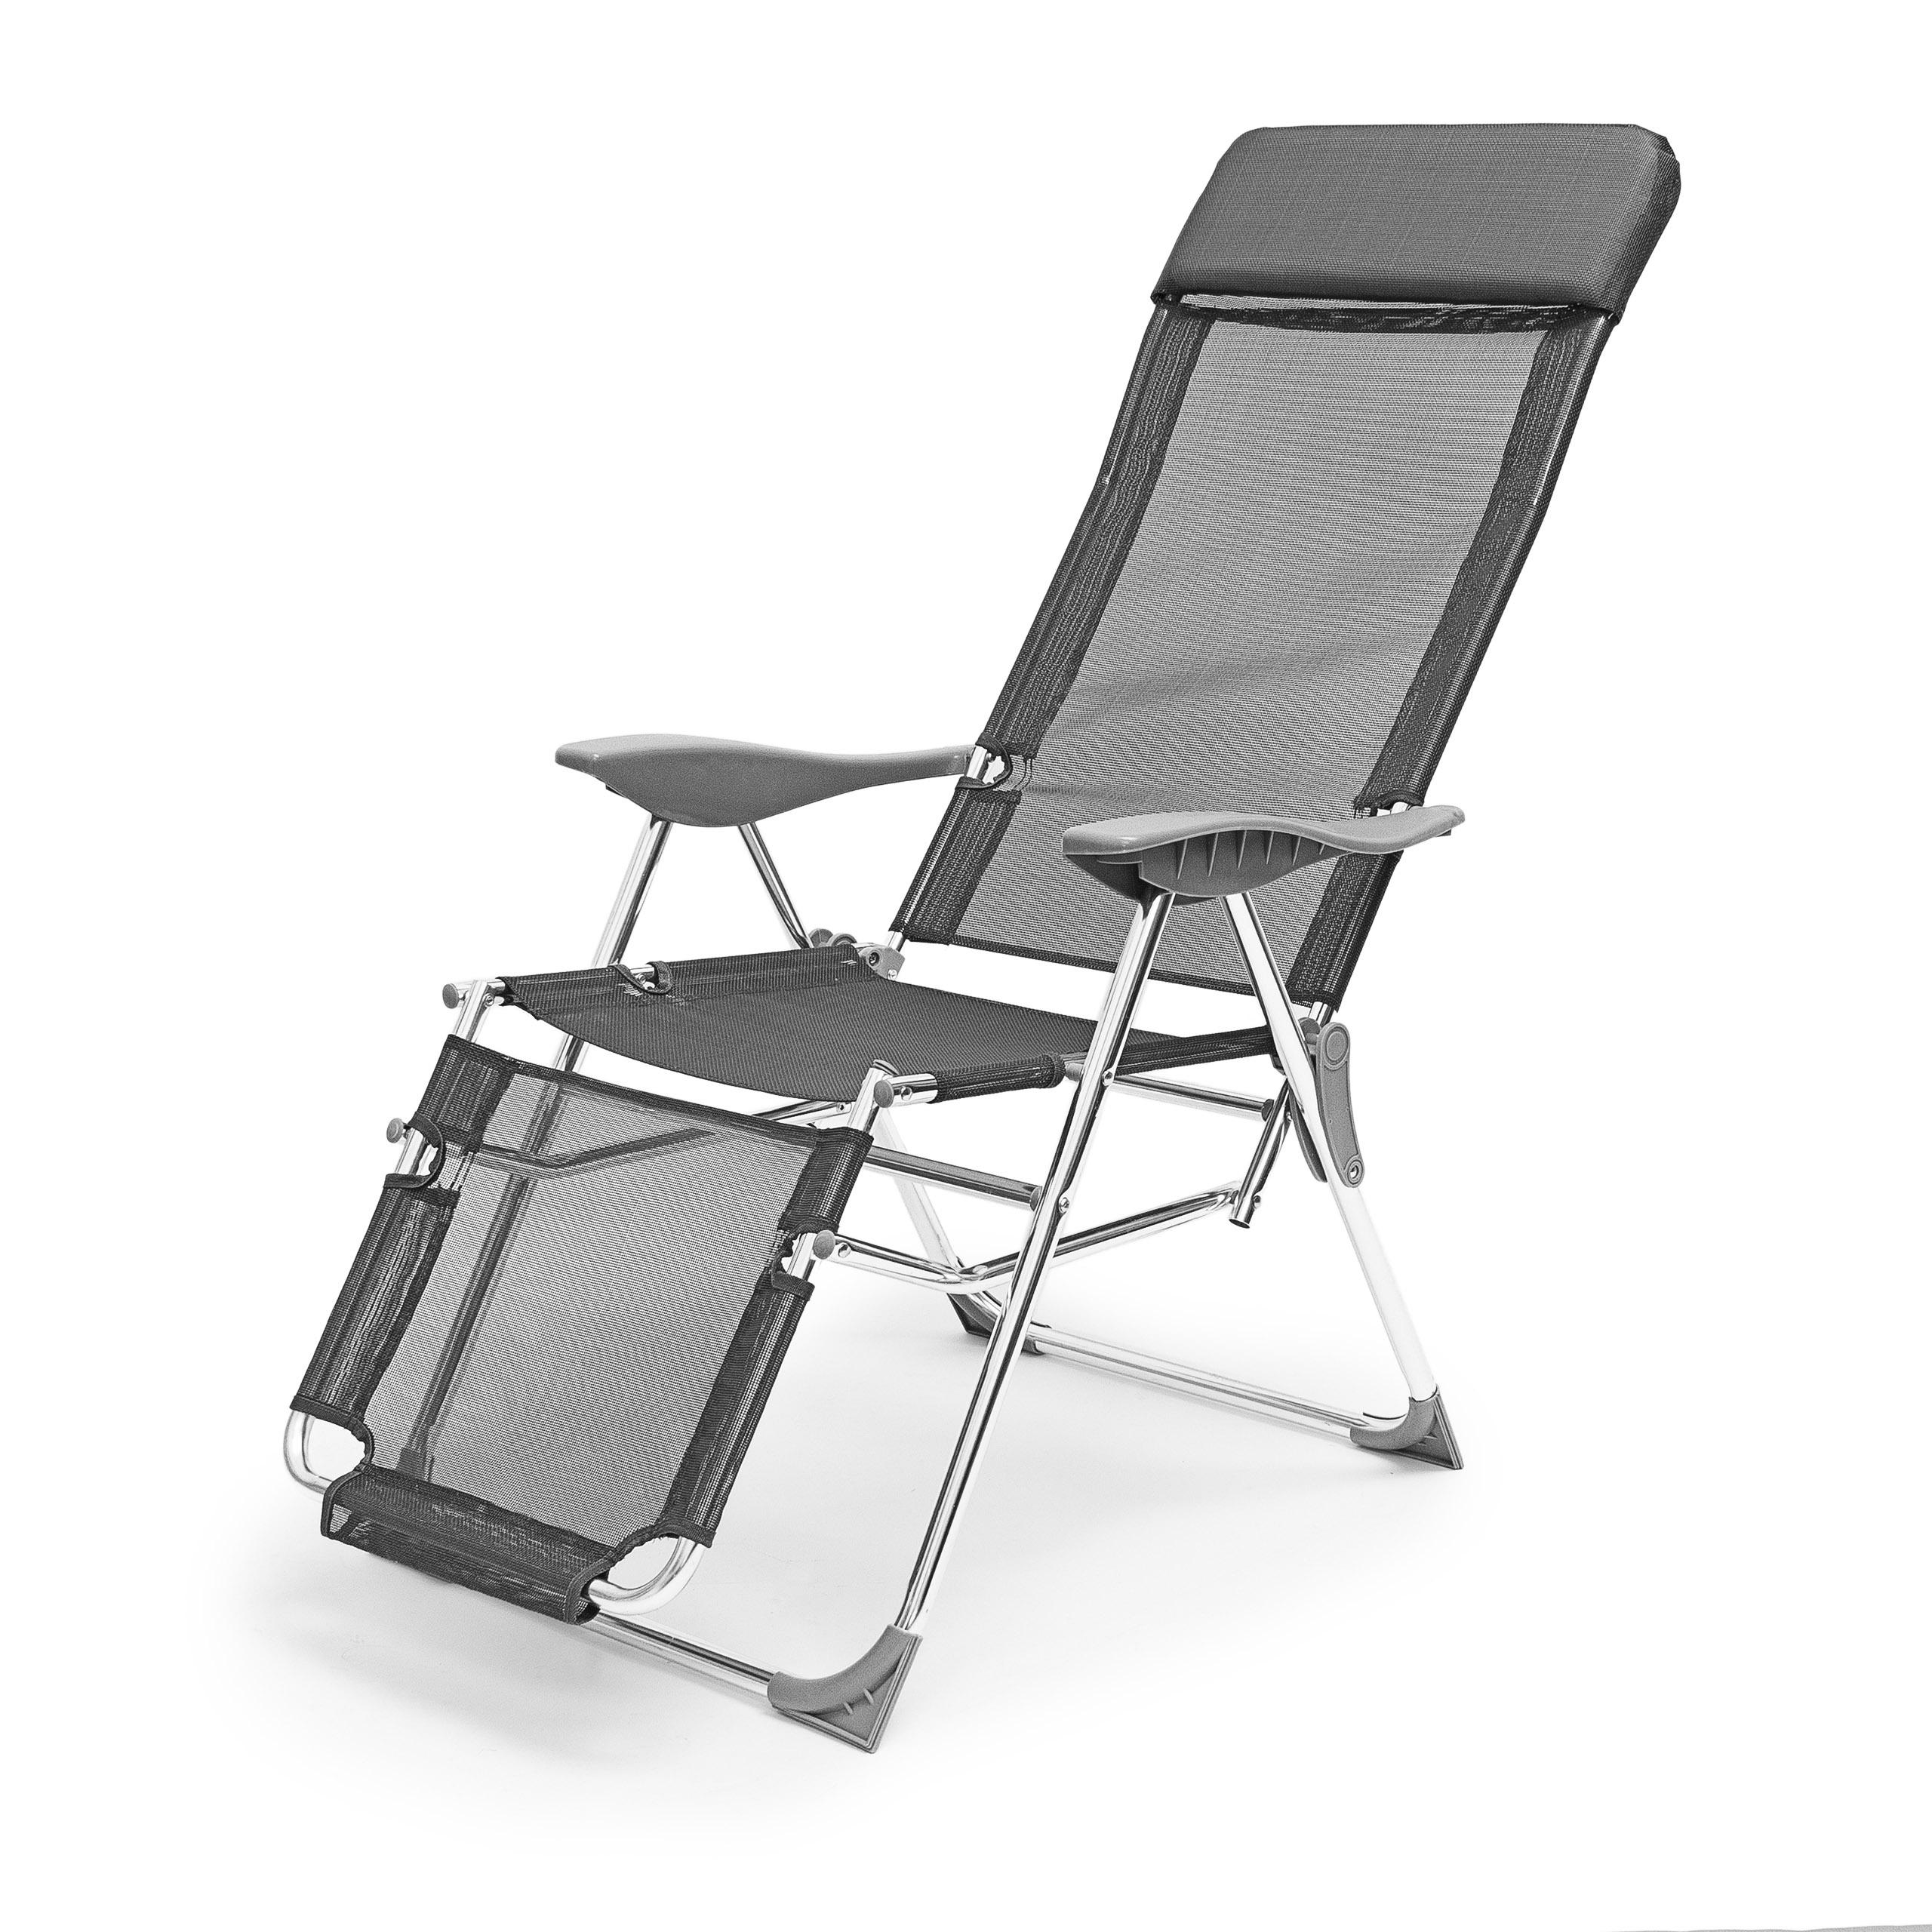 Chaise longue de camping pliante pliable transat plage